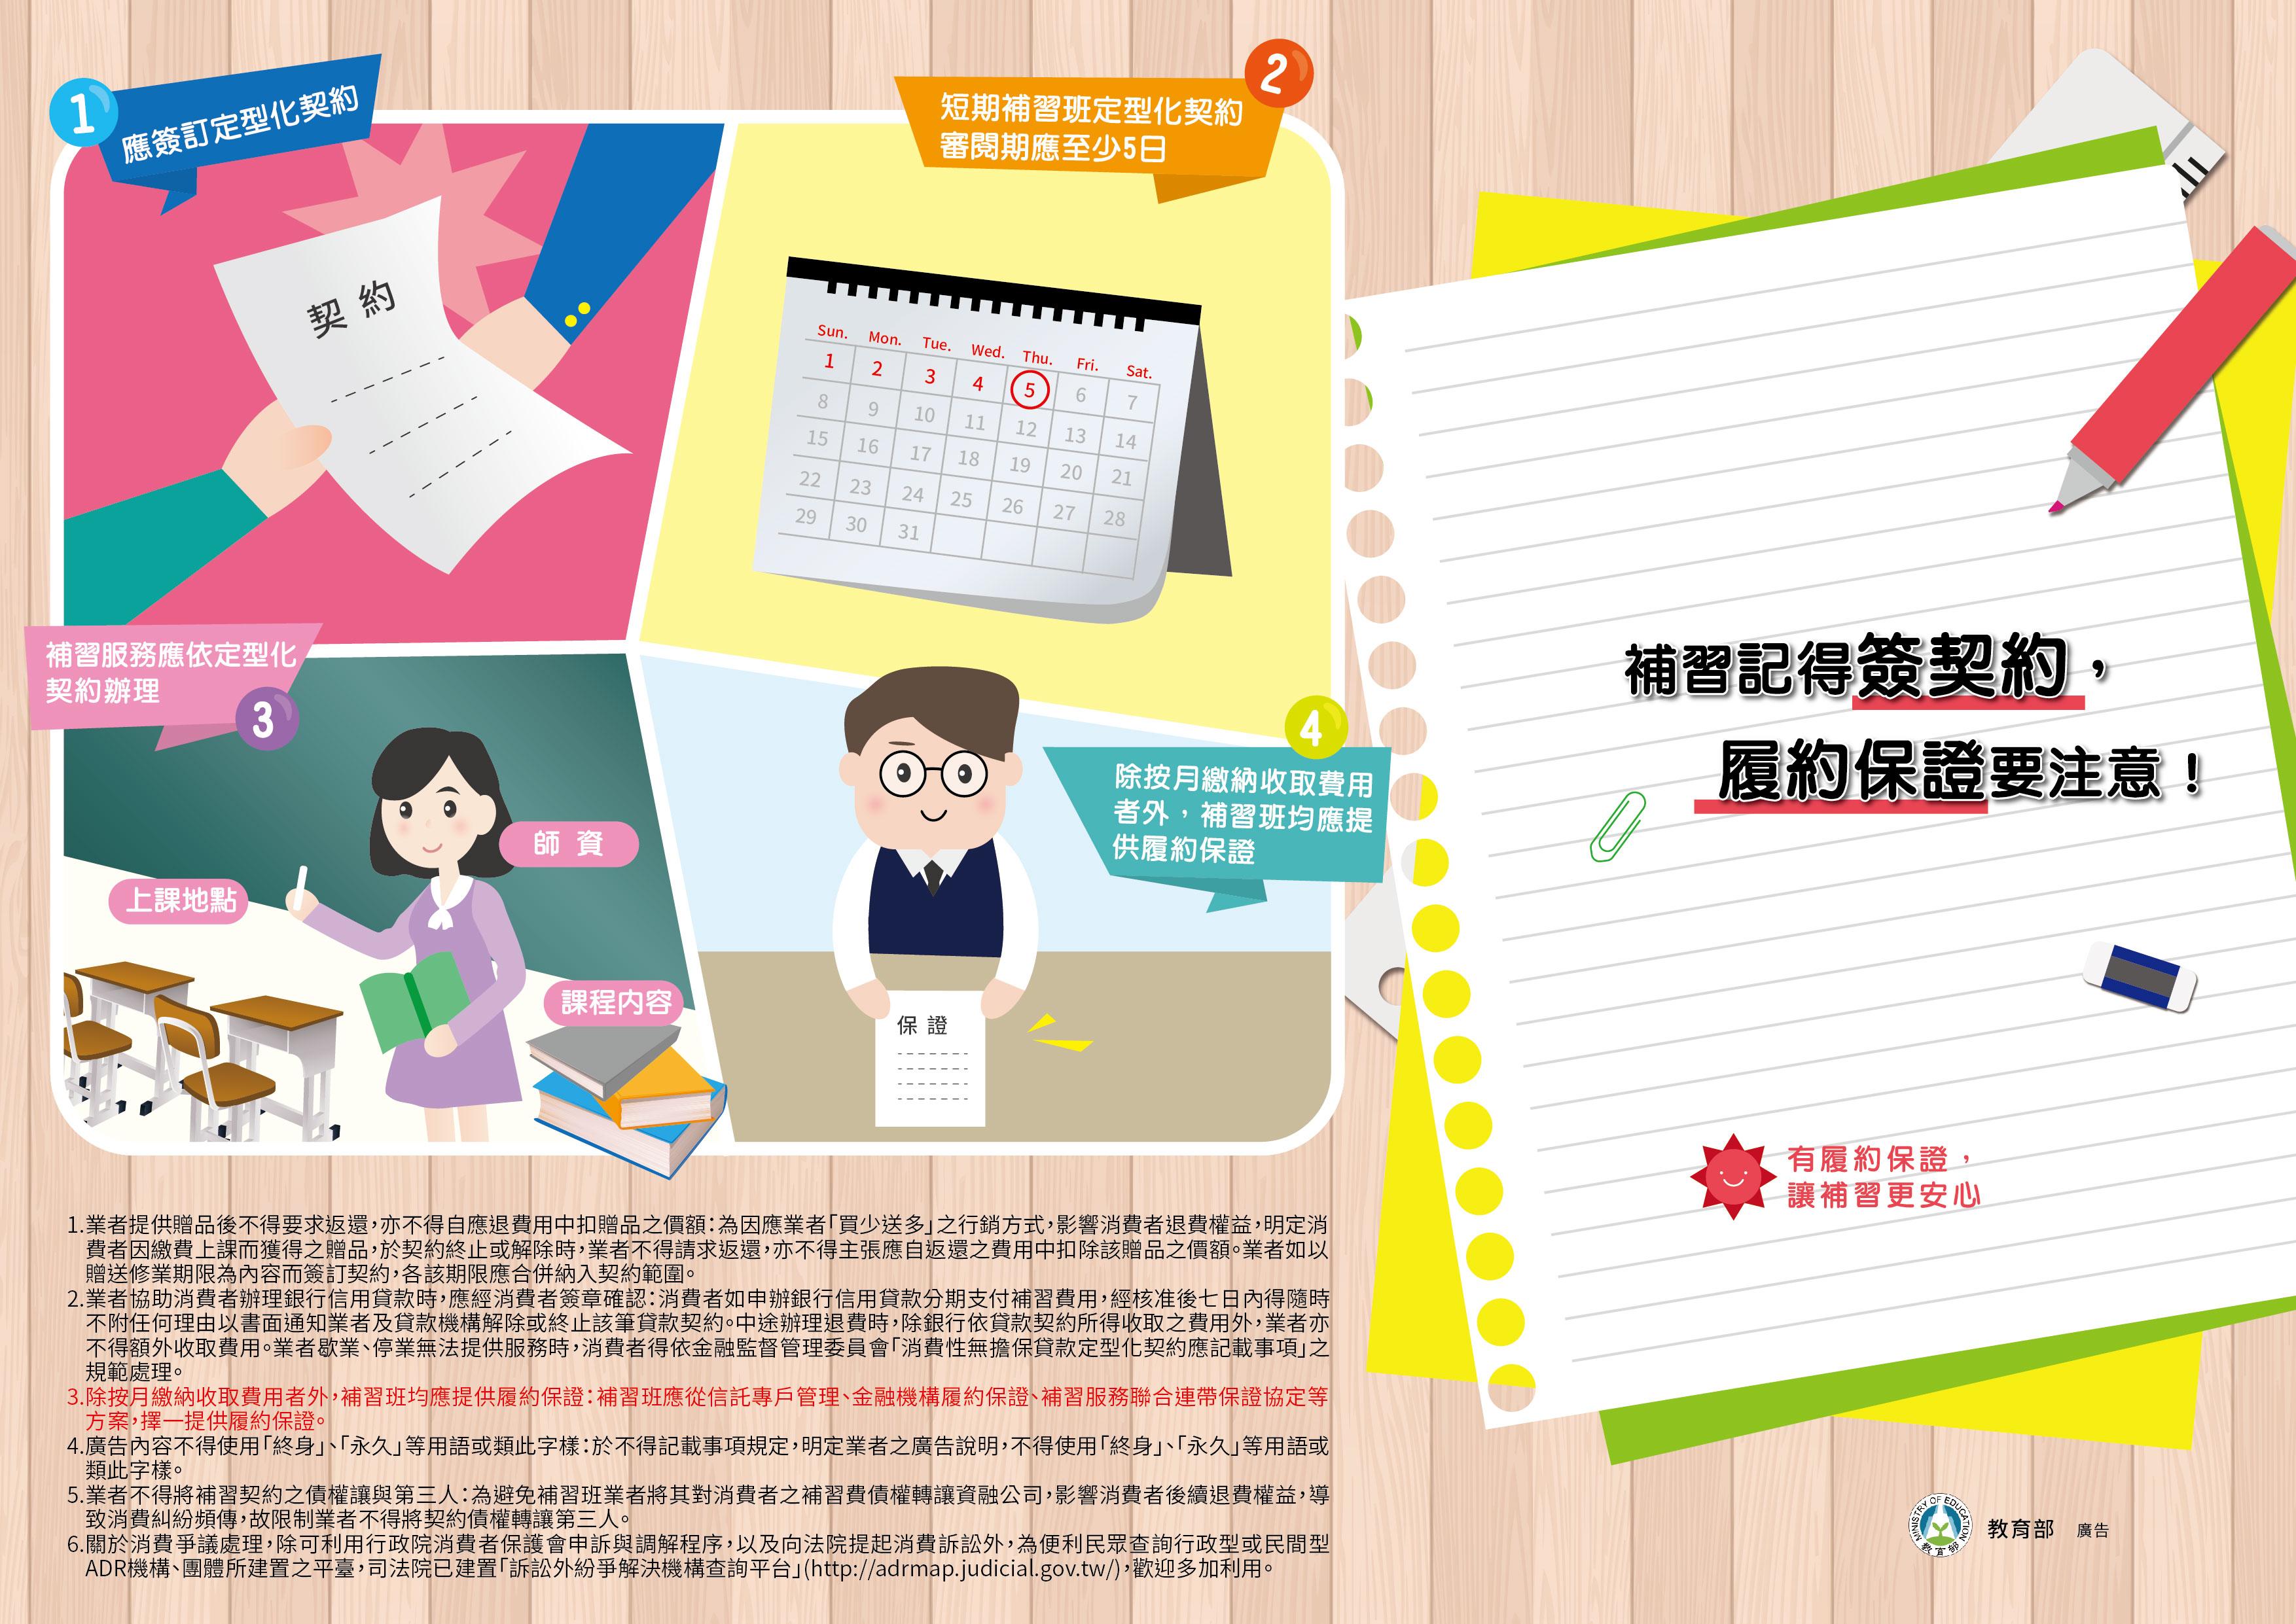 (開新視窗)短期補習班定型化契約宣導海報及宣傳文宣附件檔案(2)下載(jpg)